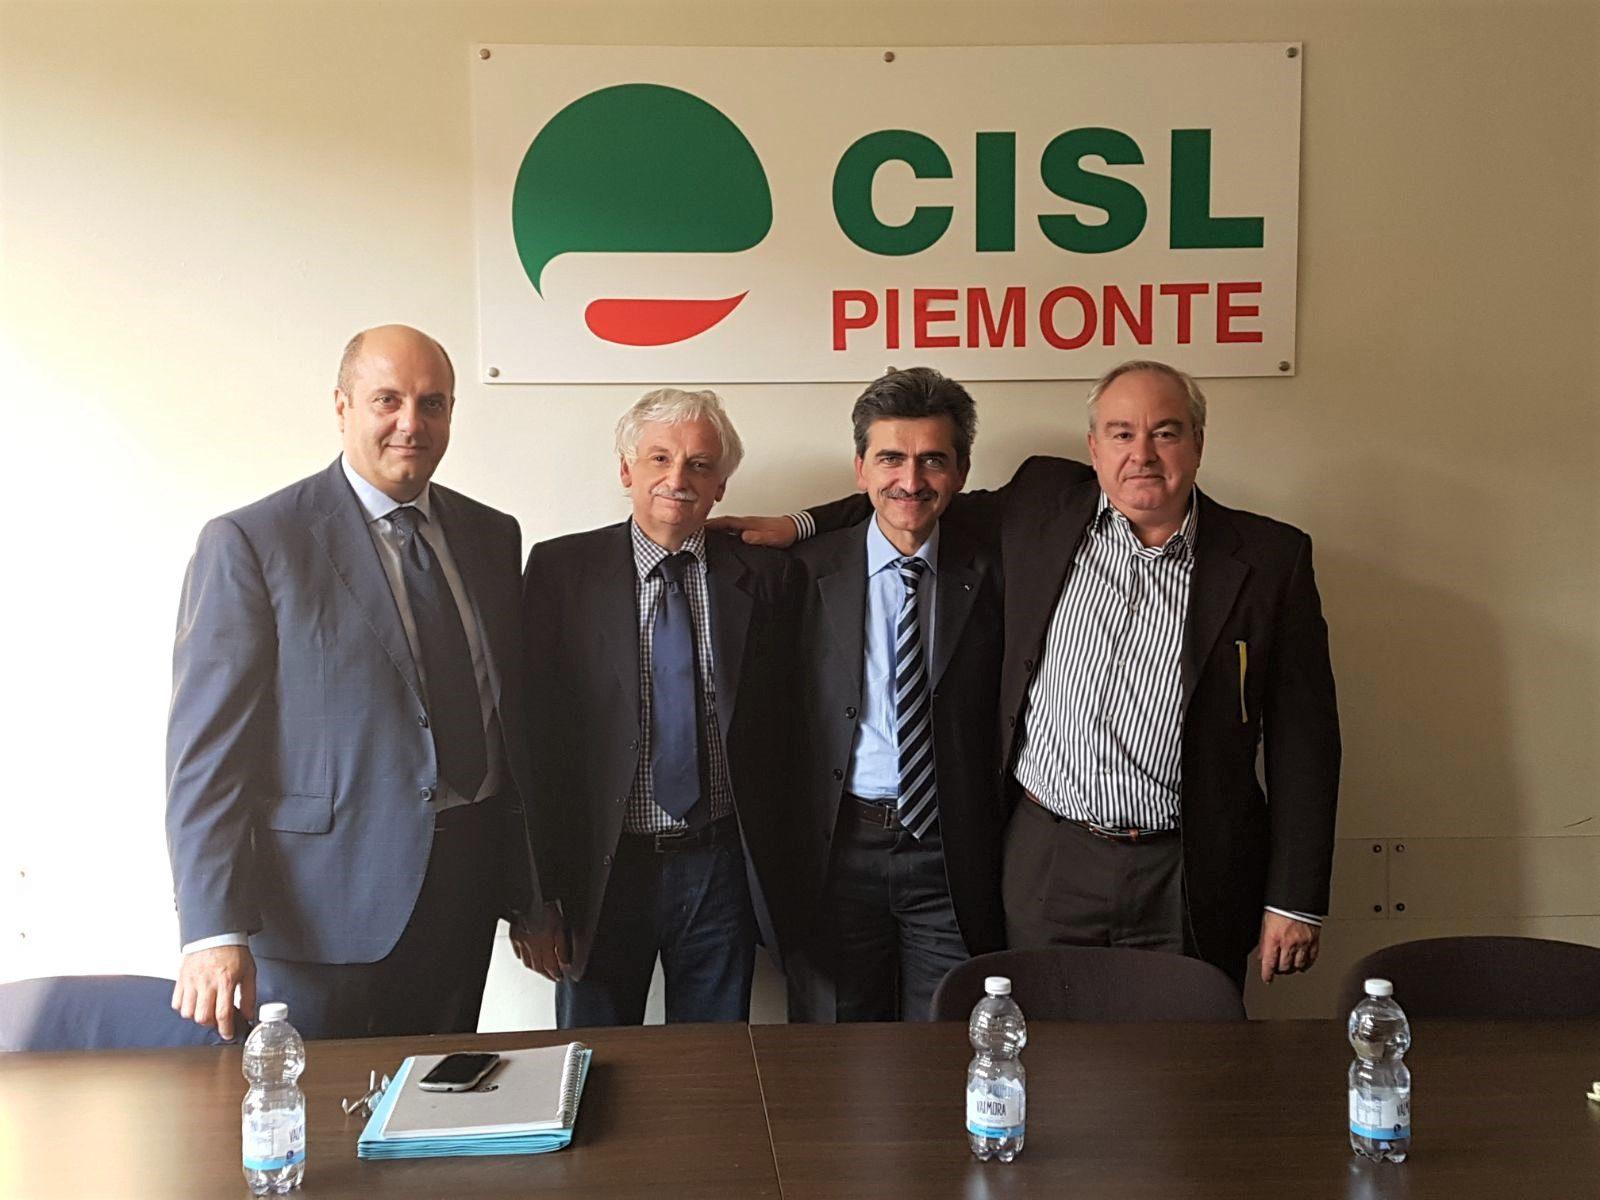 Caf Cisl: da sinistra Battista, Marchina, Didier e Ferraris primo piano